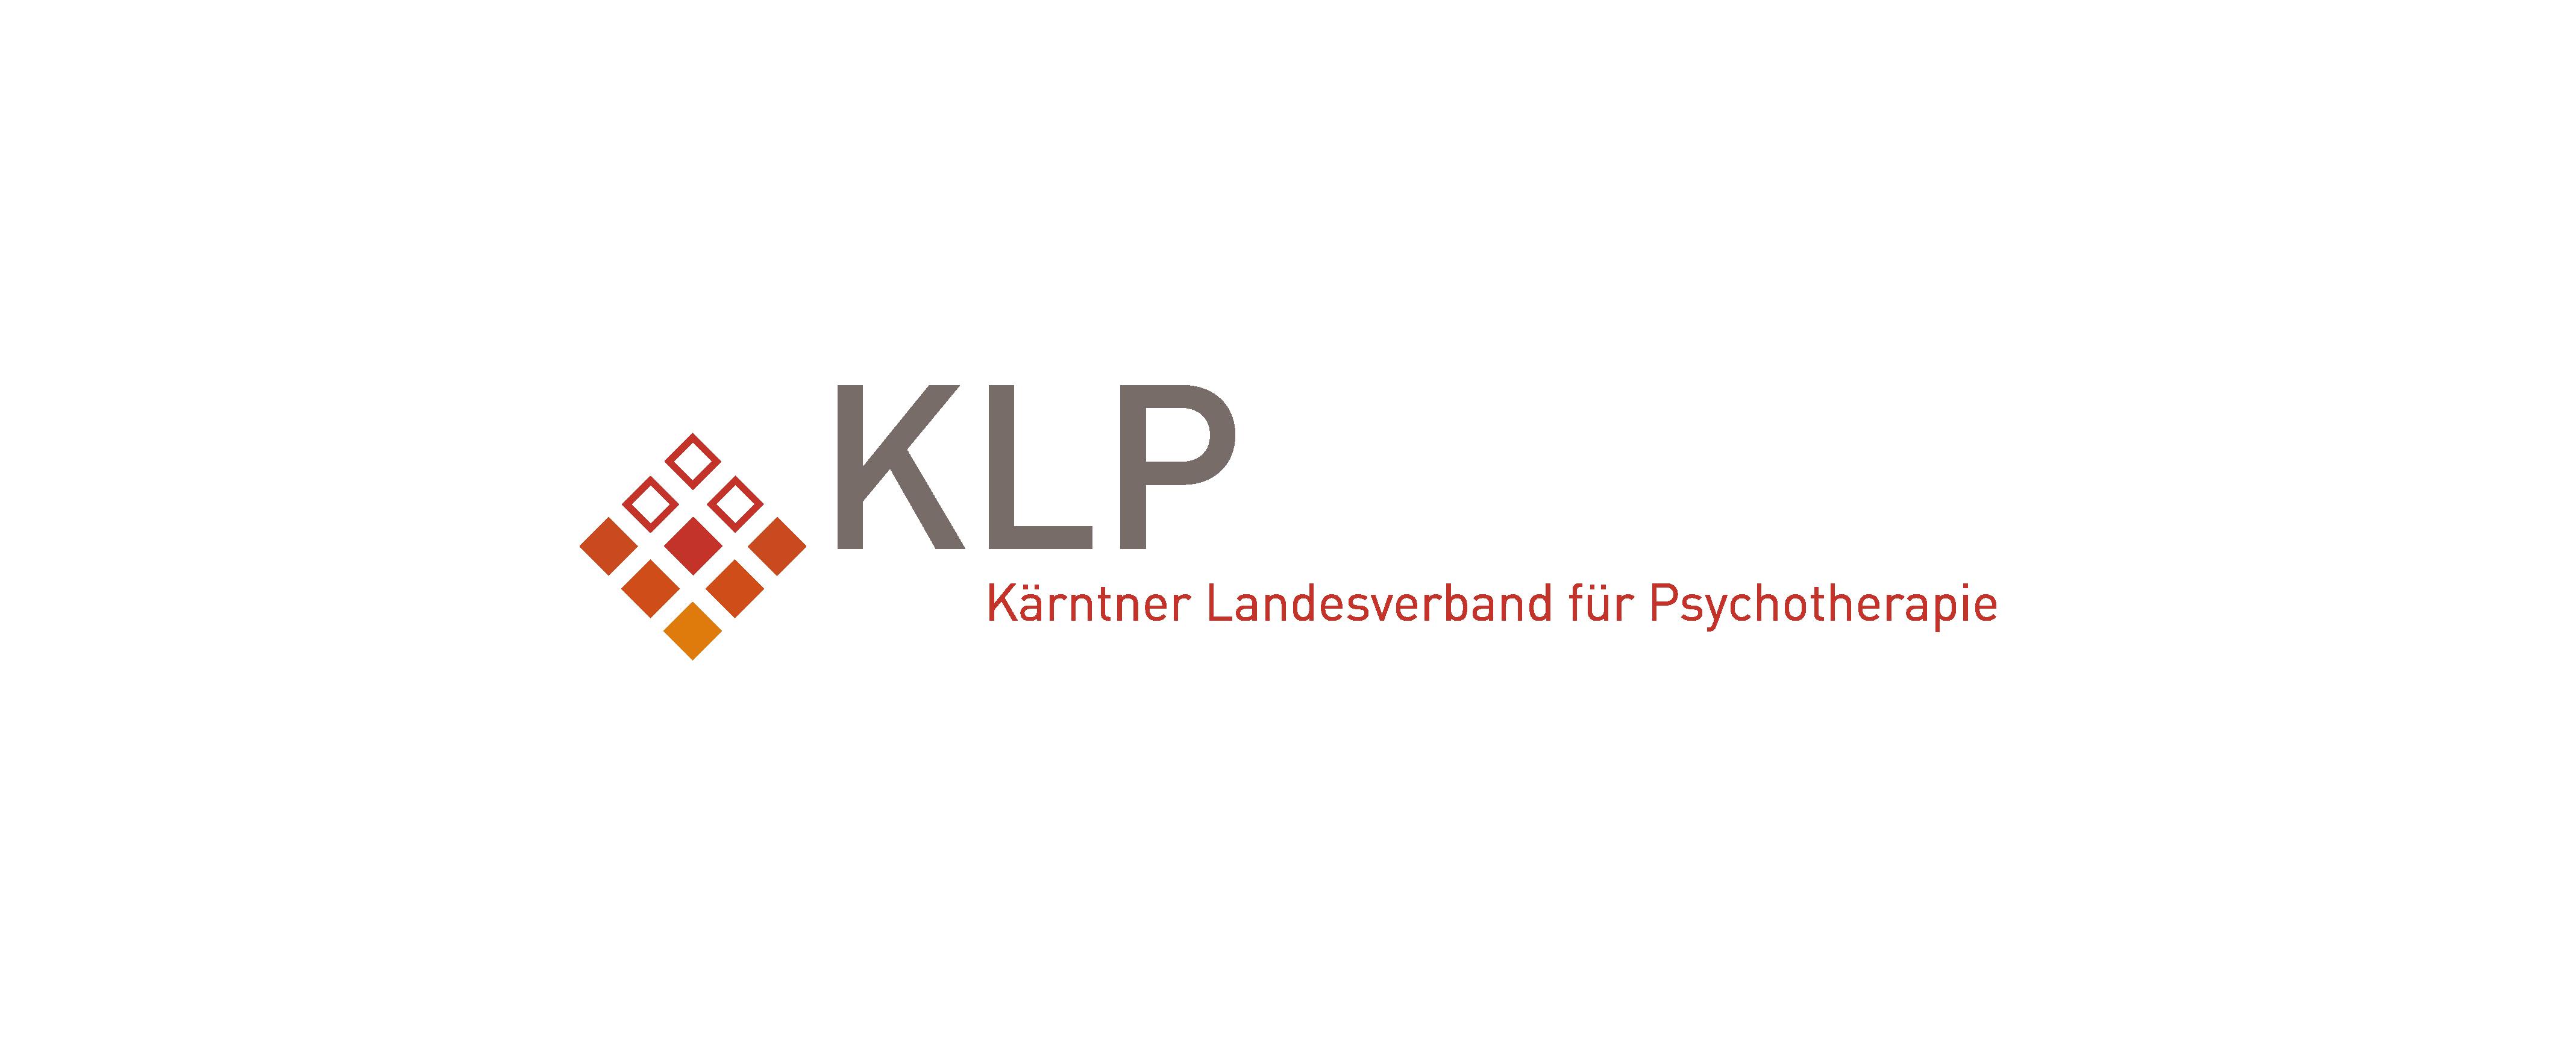 Kärntner Landesverband für Psychotherapie